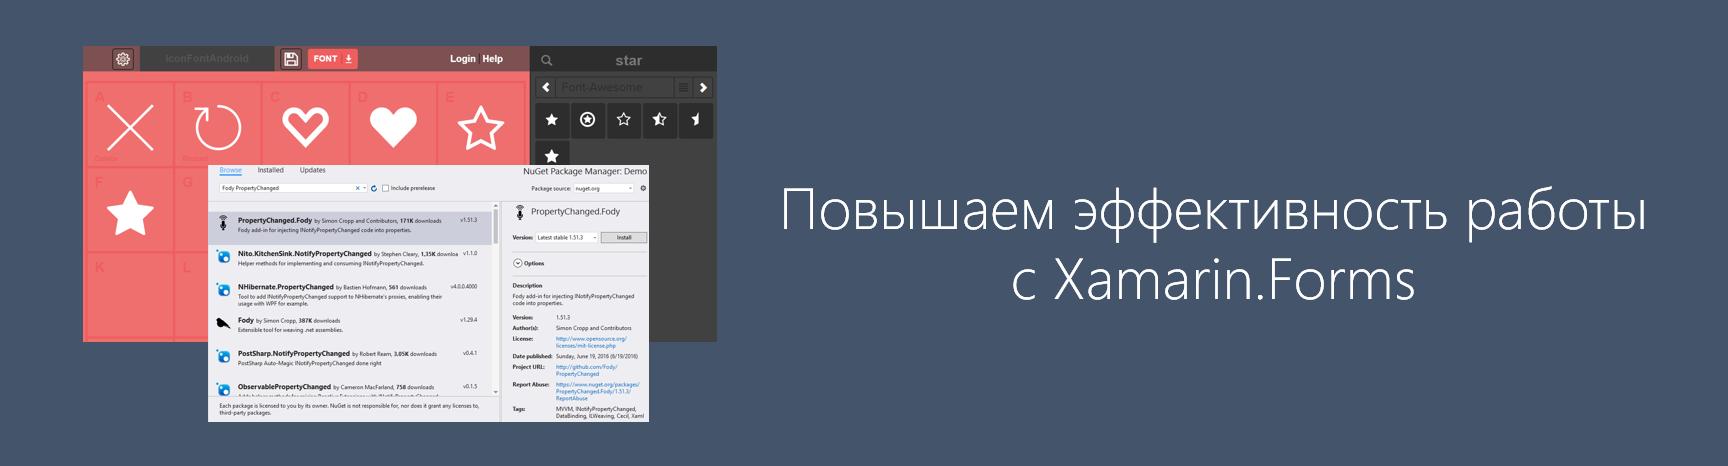 Как сделать checkbox более заметным на android